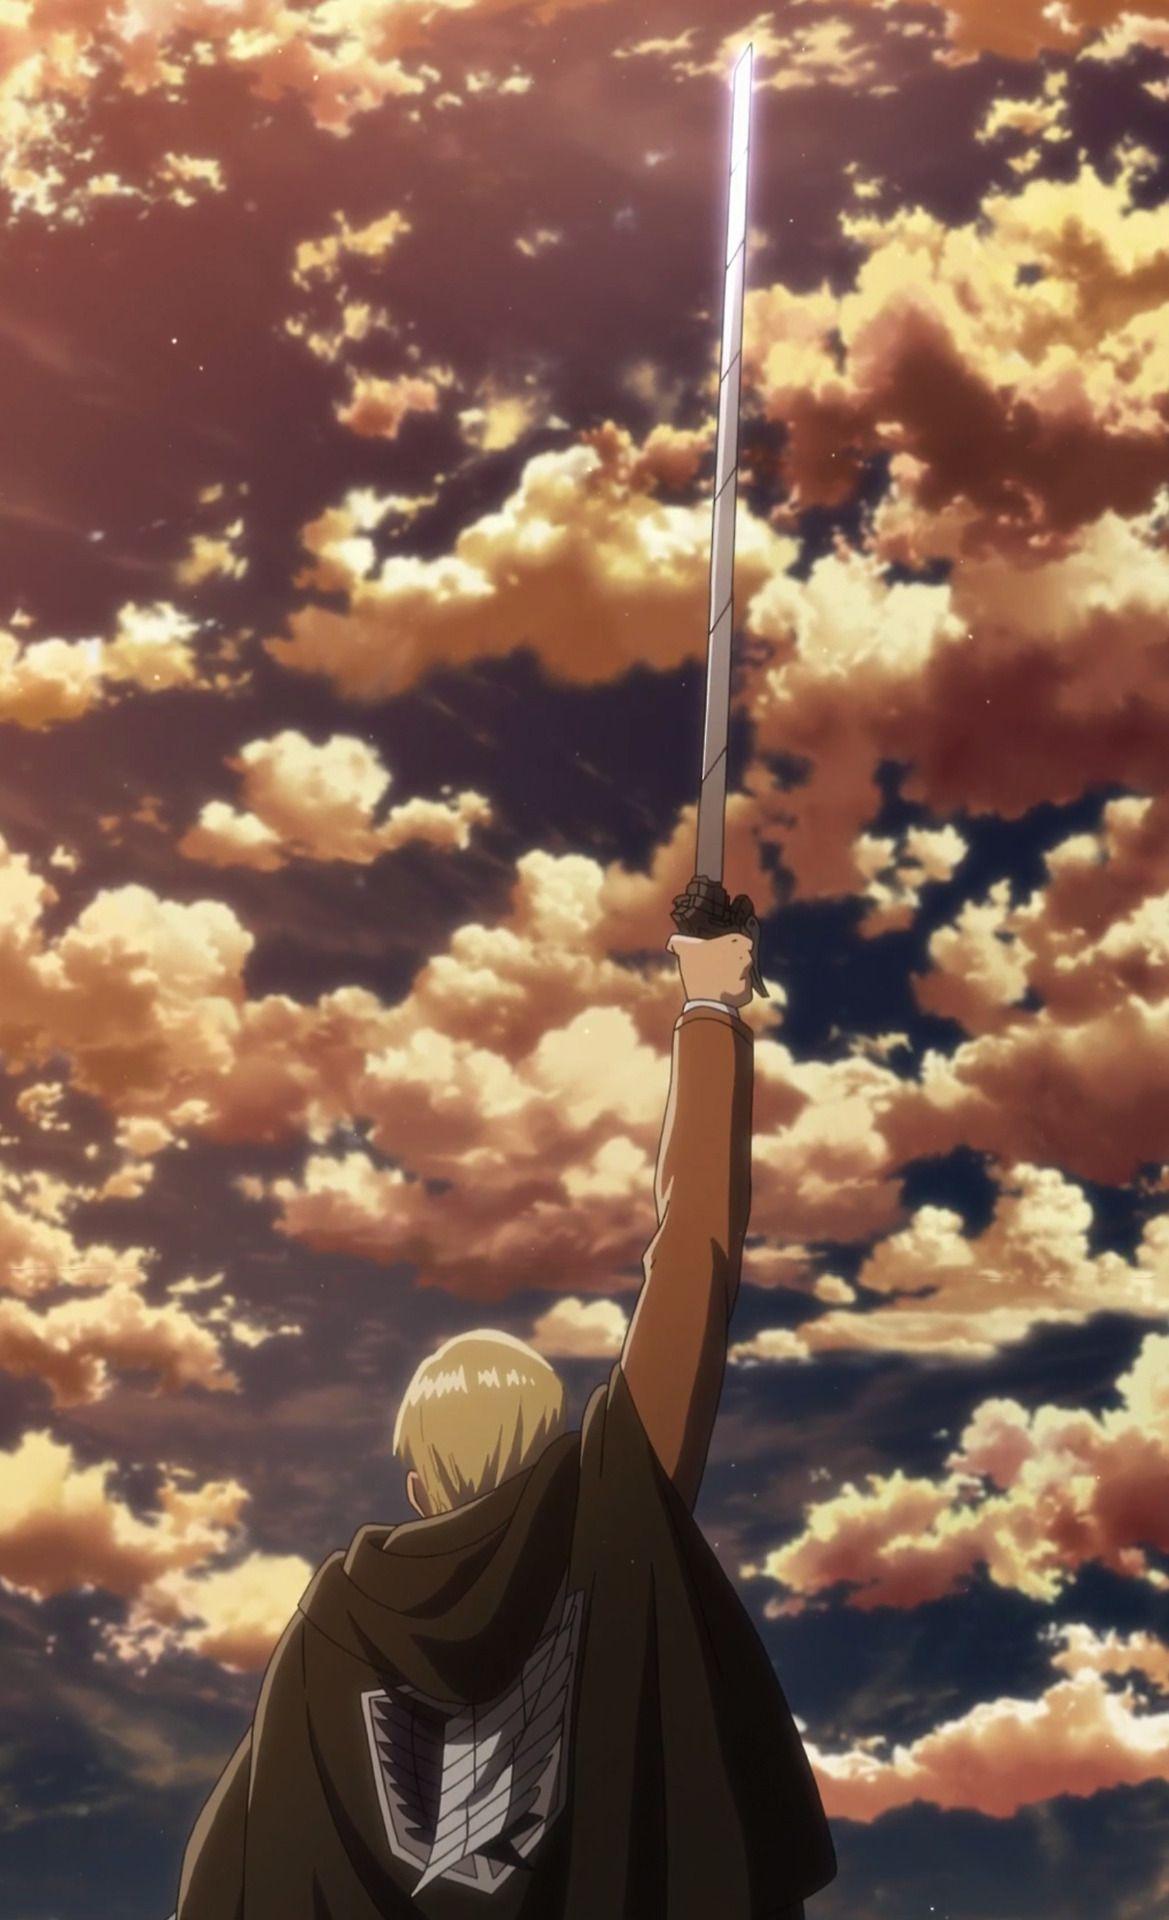 Garrandia Shinzou Wo Sasageyo Attack On Titan Anime Attack On Titan Fanart Attack On Titan Aesthetic